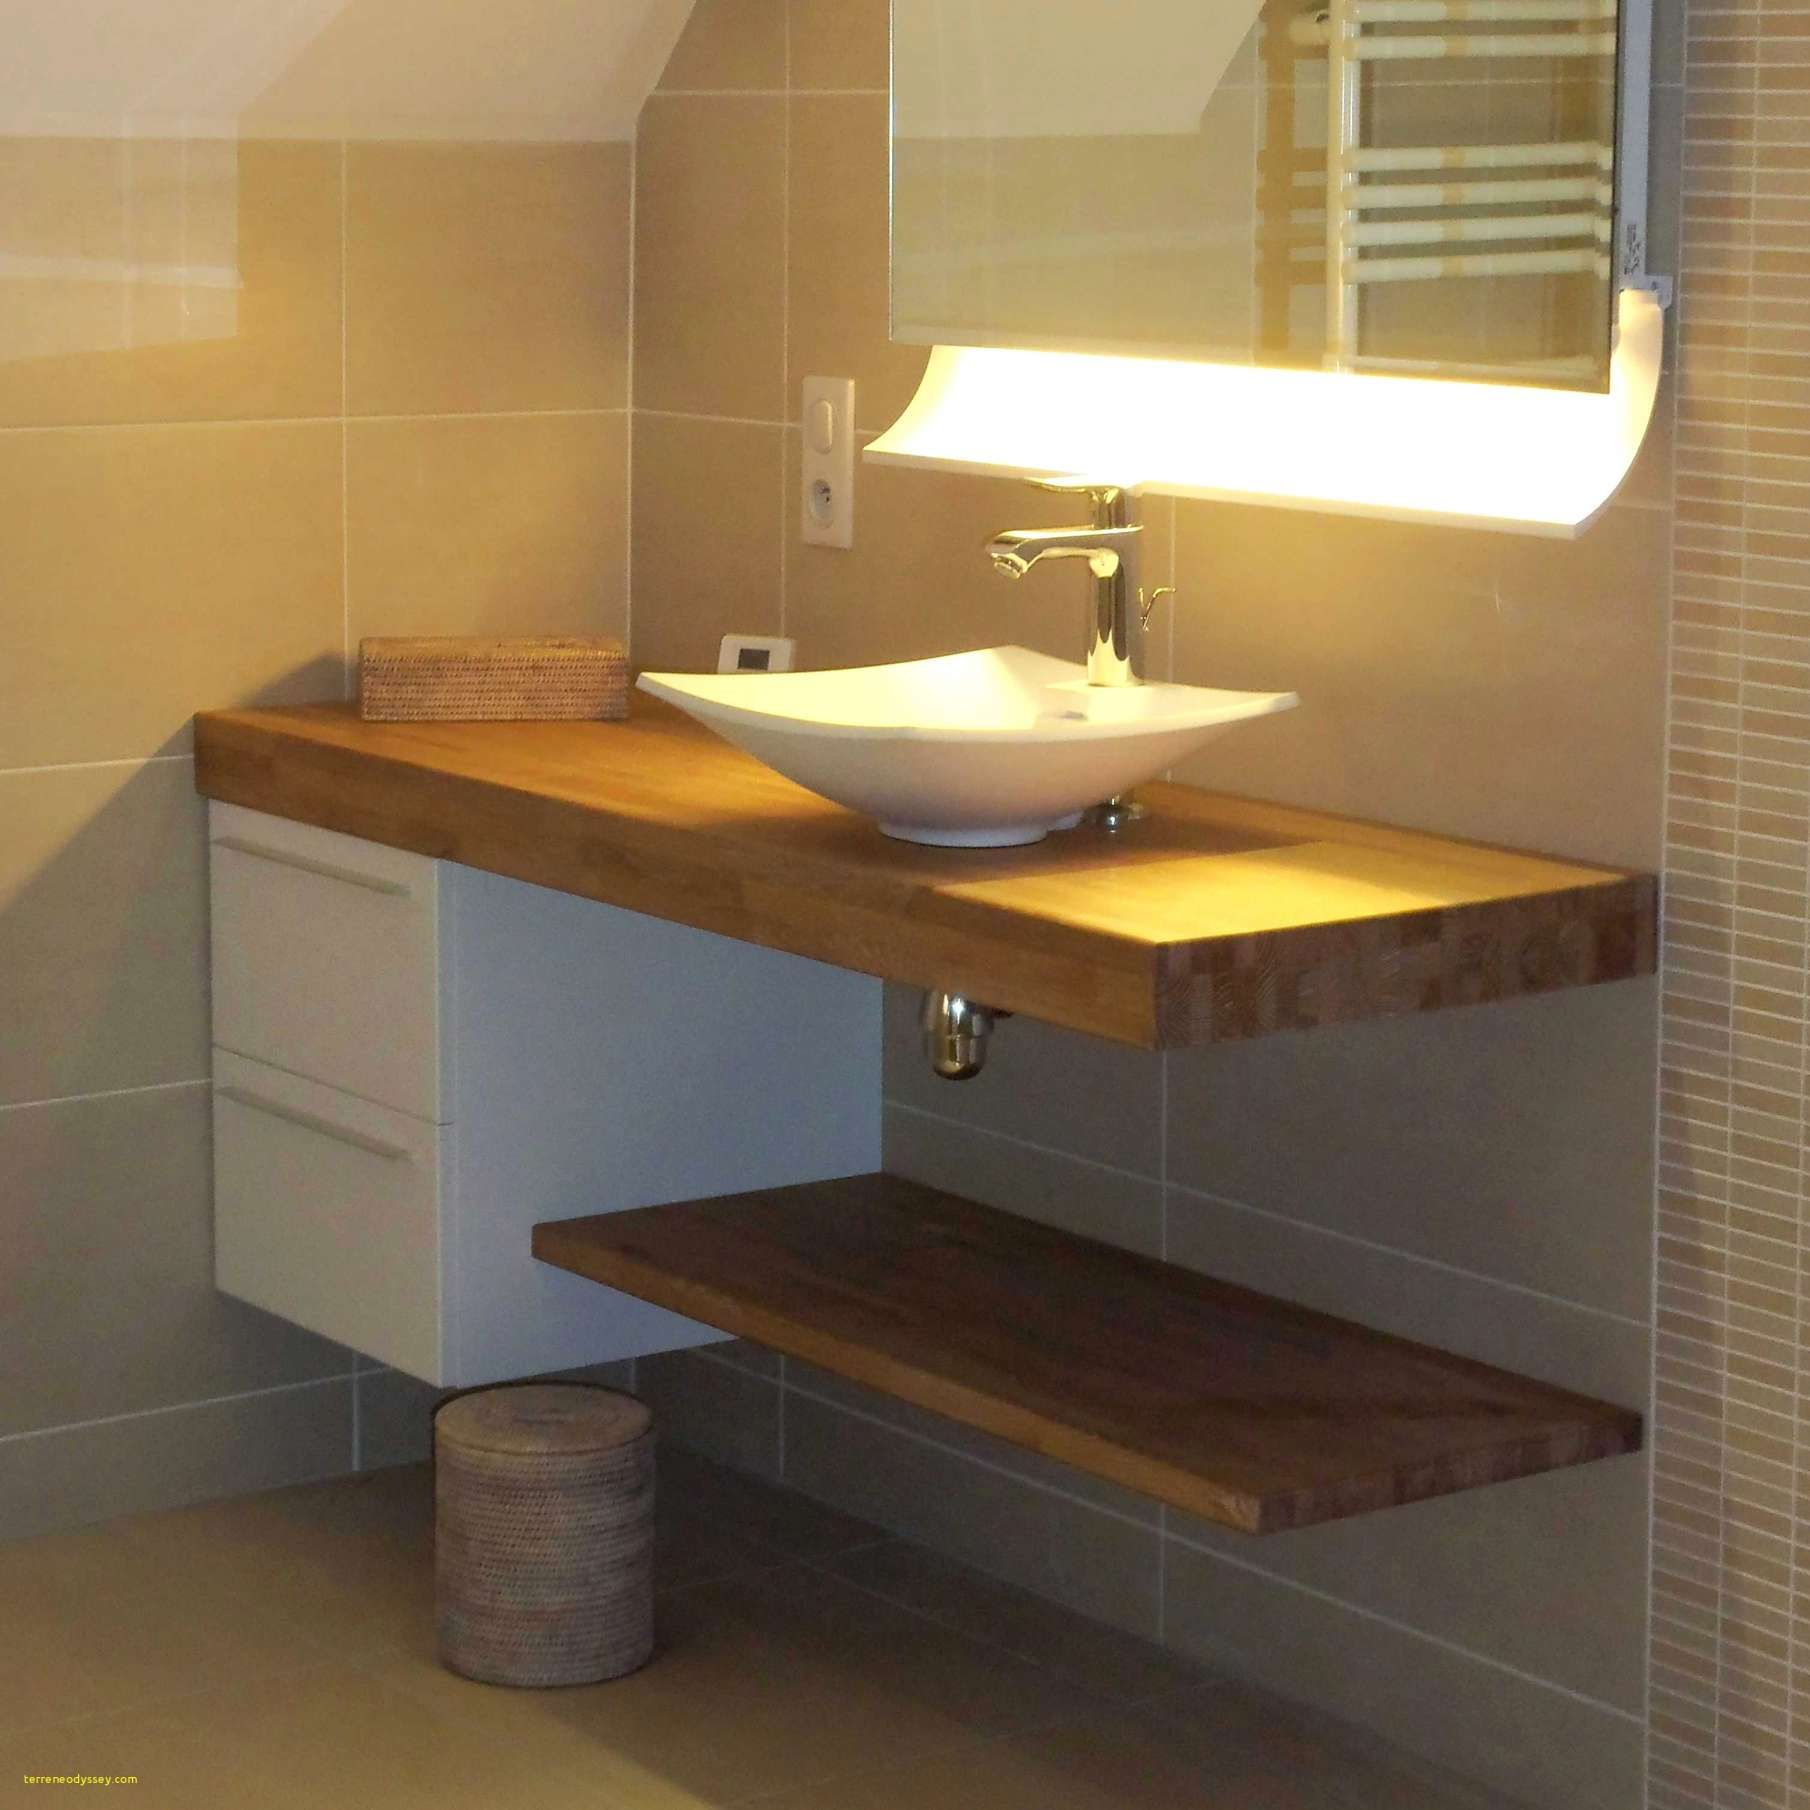 15 Fabriquer Meuble Salle De Bain Designs De Salle De Bain Decorationmaison101 Com Amenagement Salle De Bain Travaux Salle De Bain Idee Salle De Bain